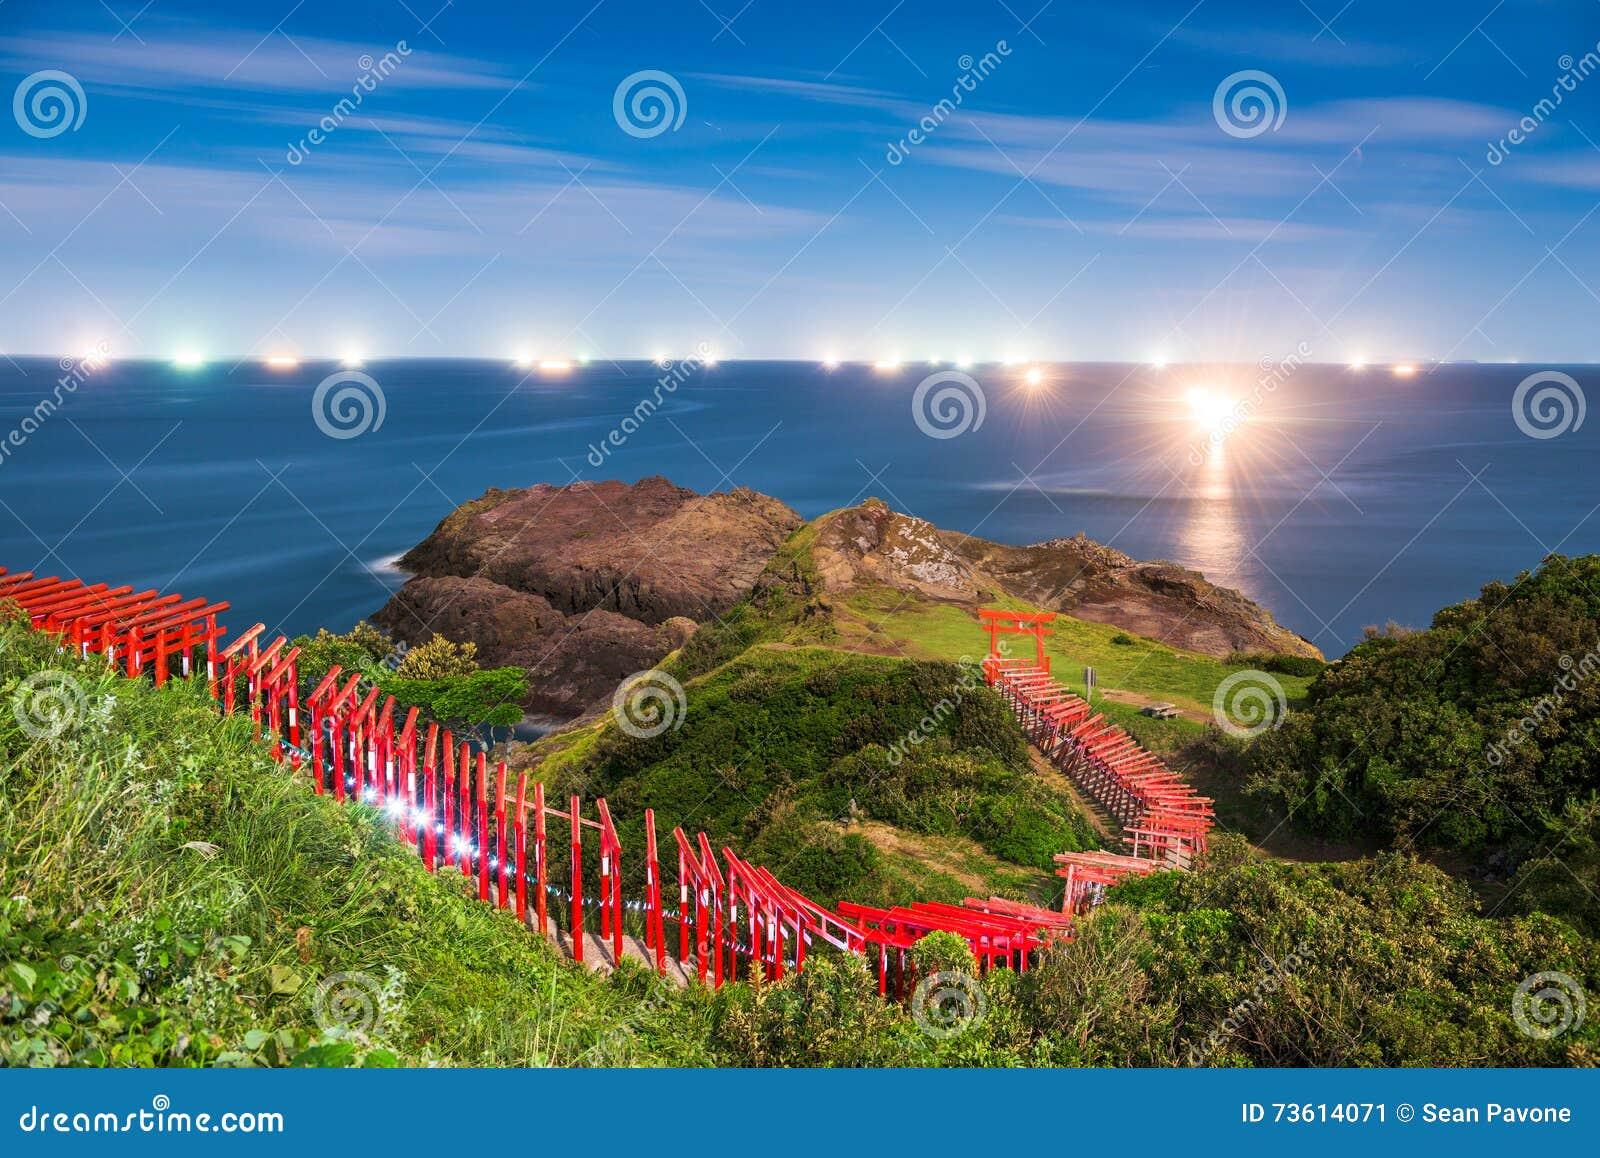 Santuário litoral em Japão